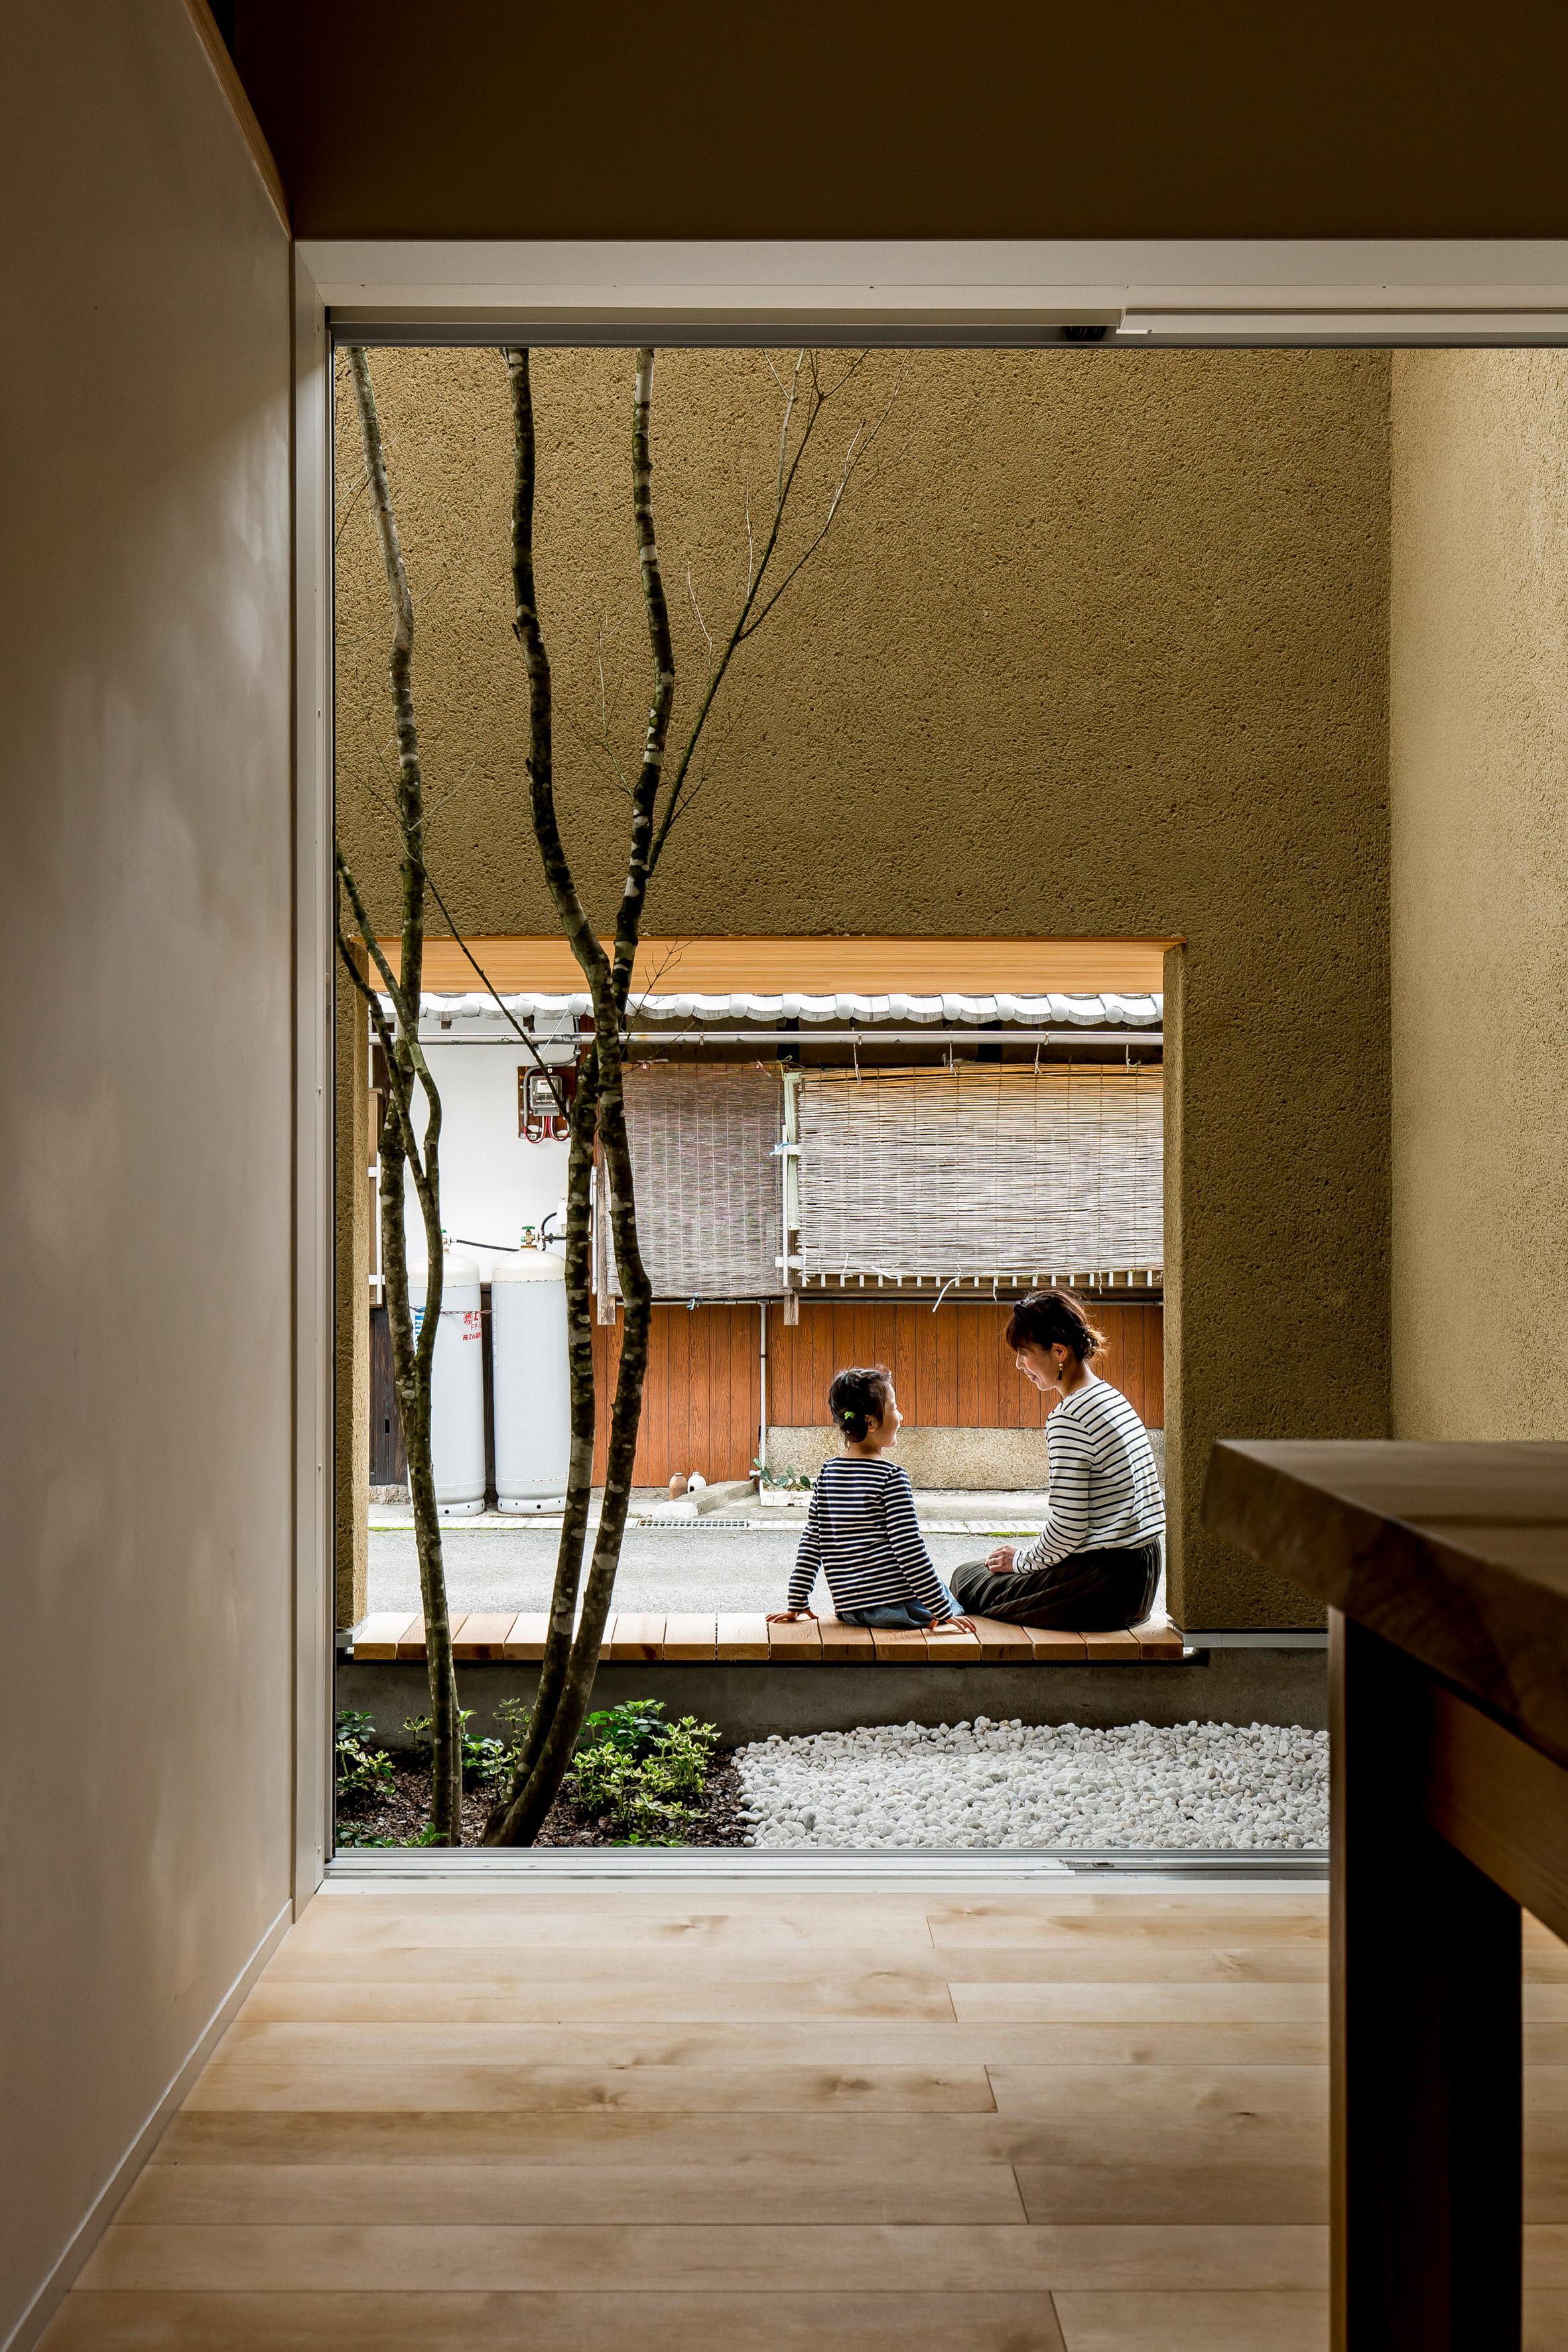 Ngôi nhà có khoảng sân vườn thiết kế nghệ thuật giúp từng góc nhỏ bên trong đều đẹp như tranh vẽ - Ảnh 4.